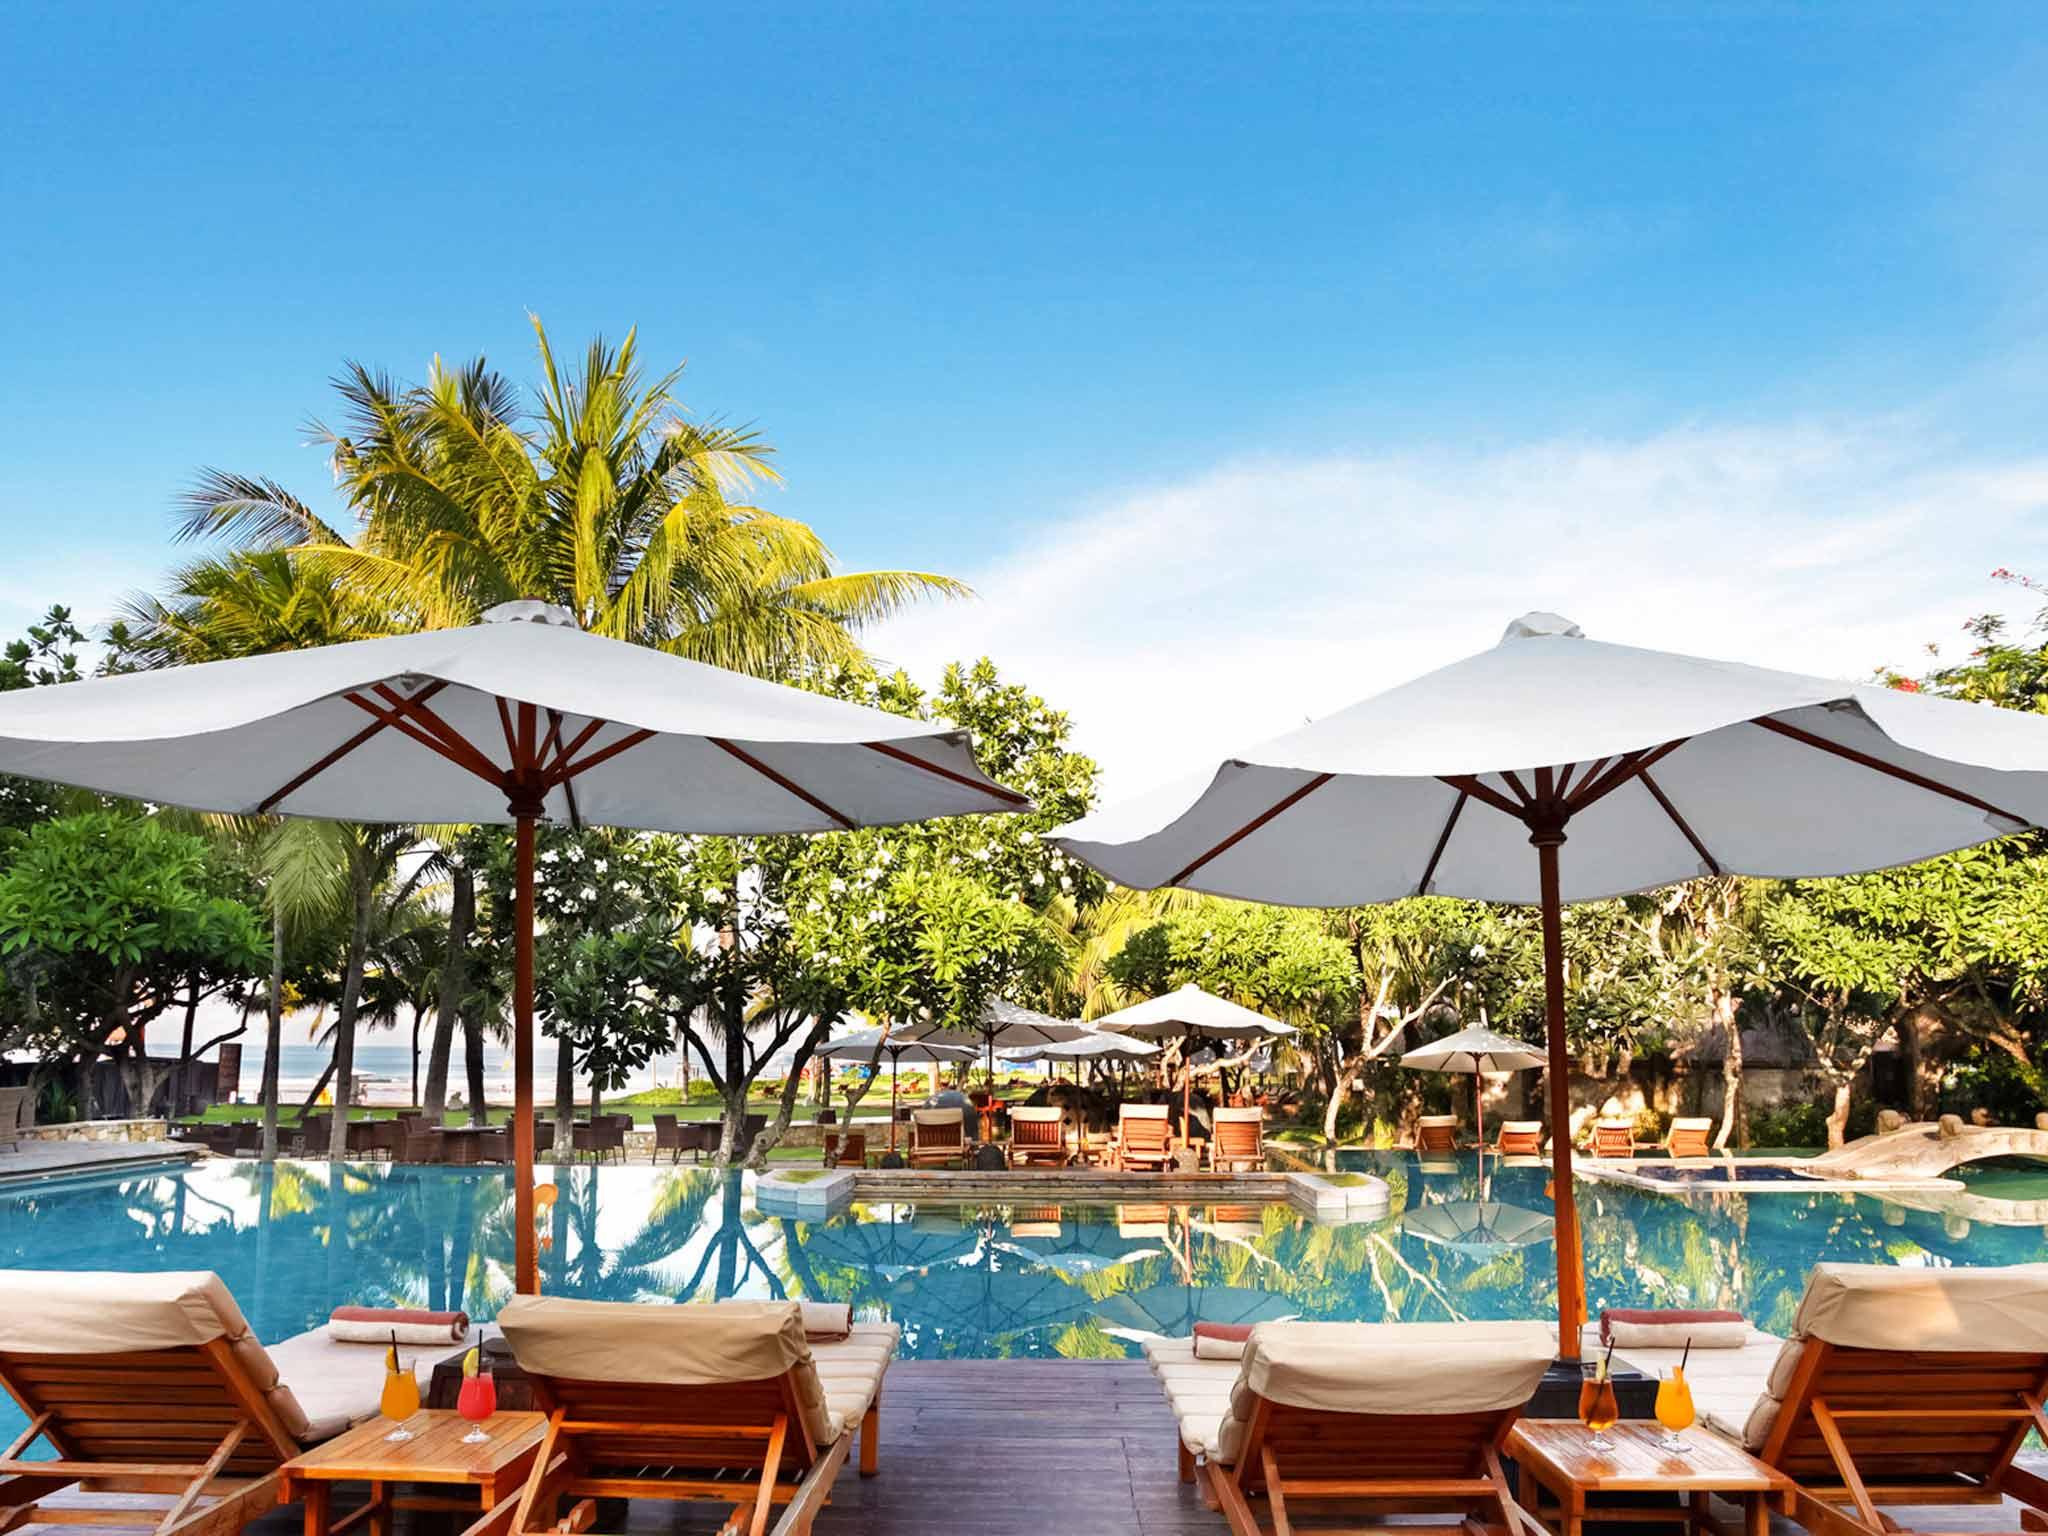 酒店 – 巴厘岛皇家塞米亚克海滩酒店 - 美憬阁索菲特酒店